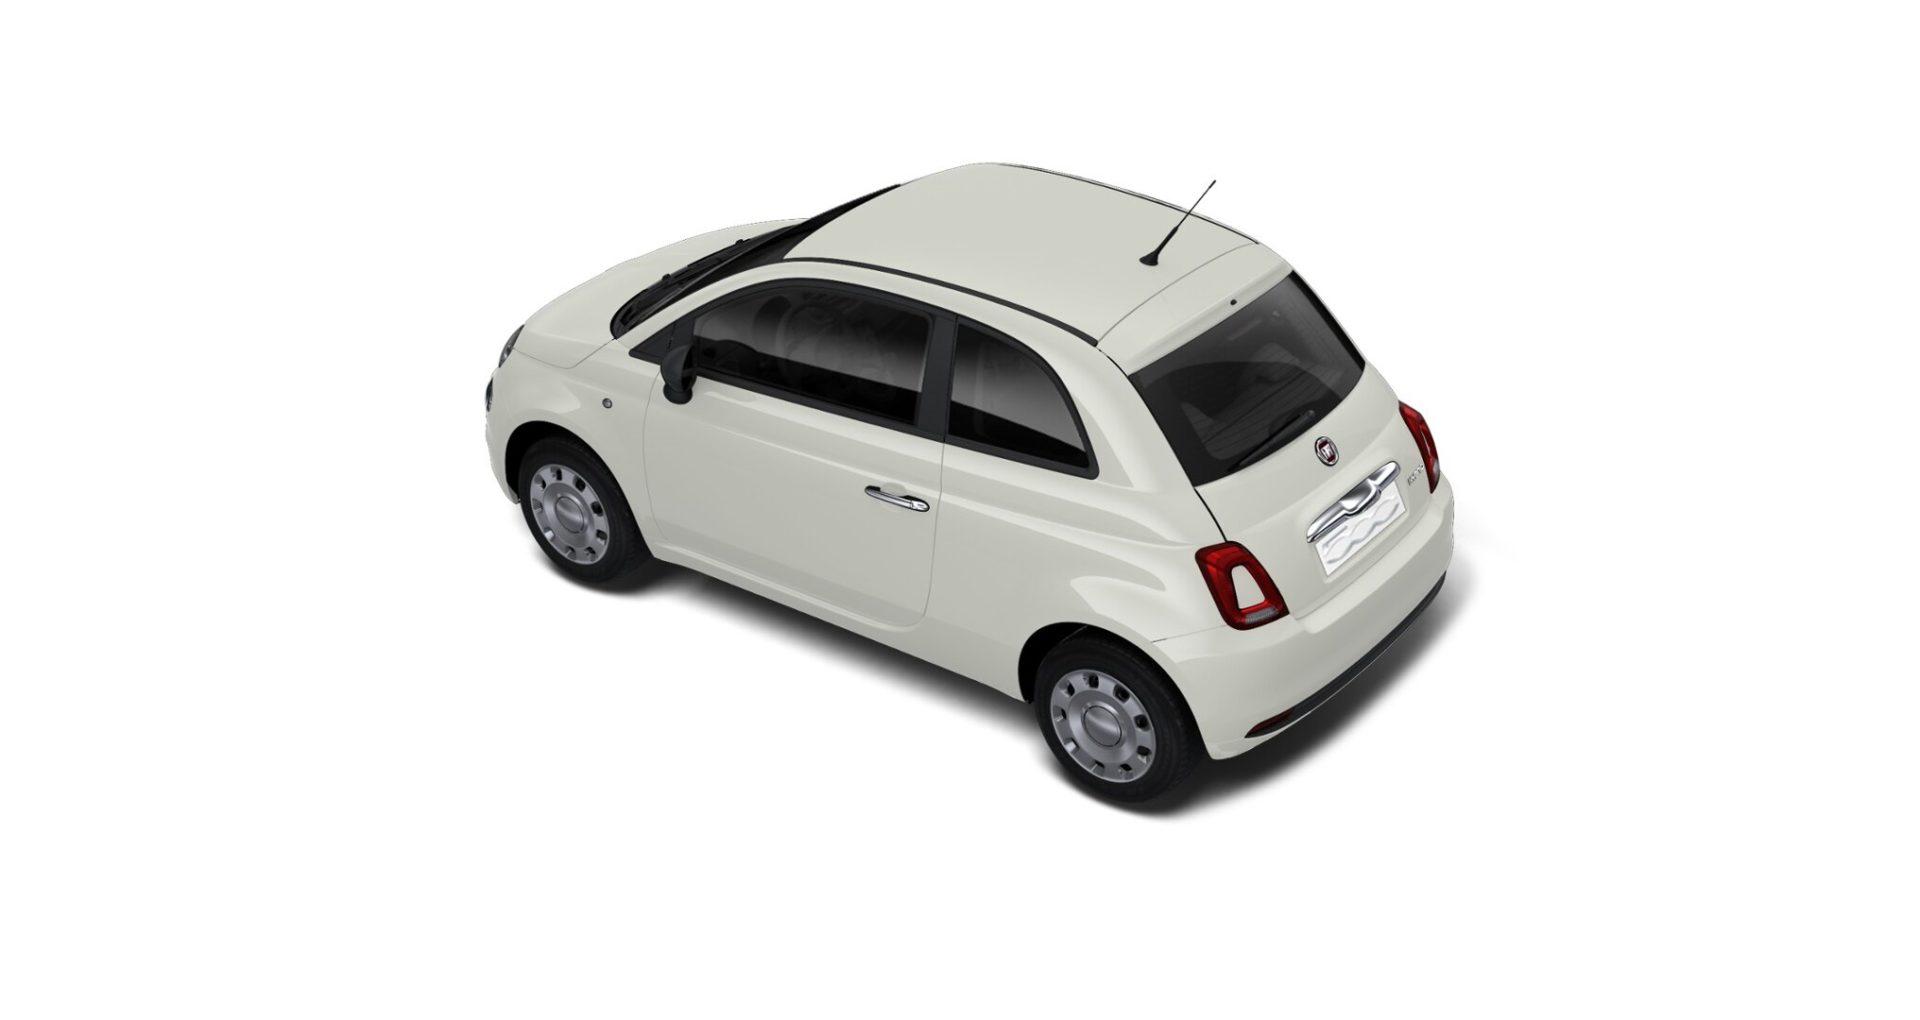 Renting Fiat 500 Cult Híbrido